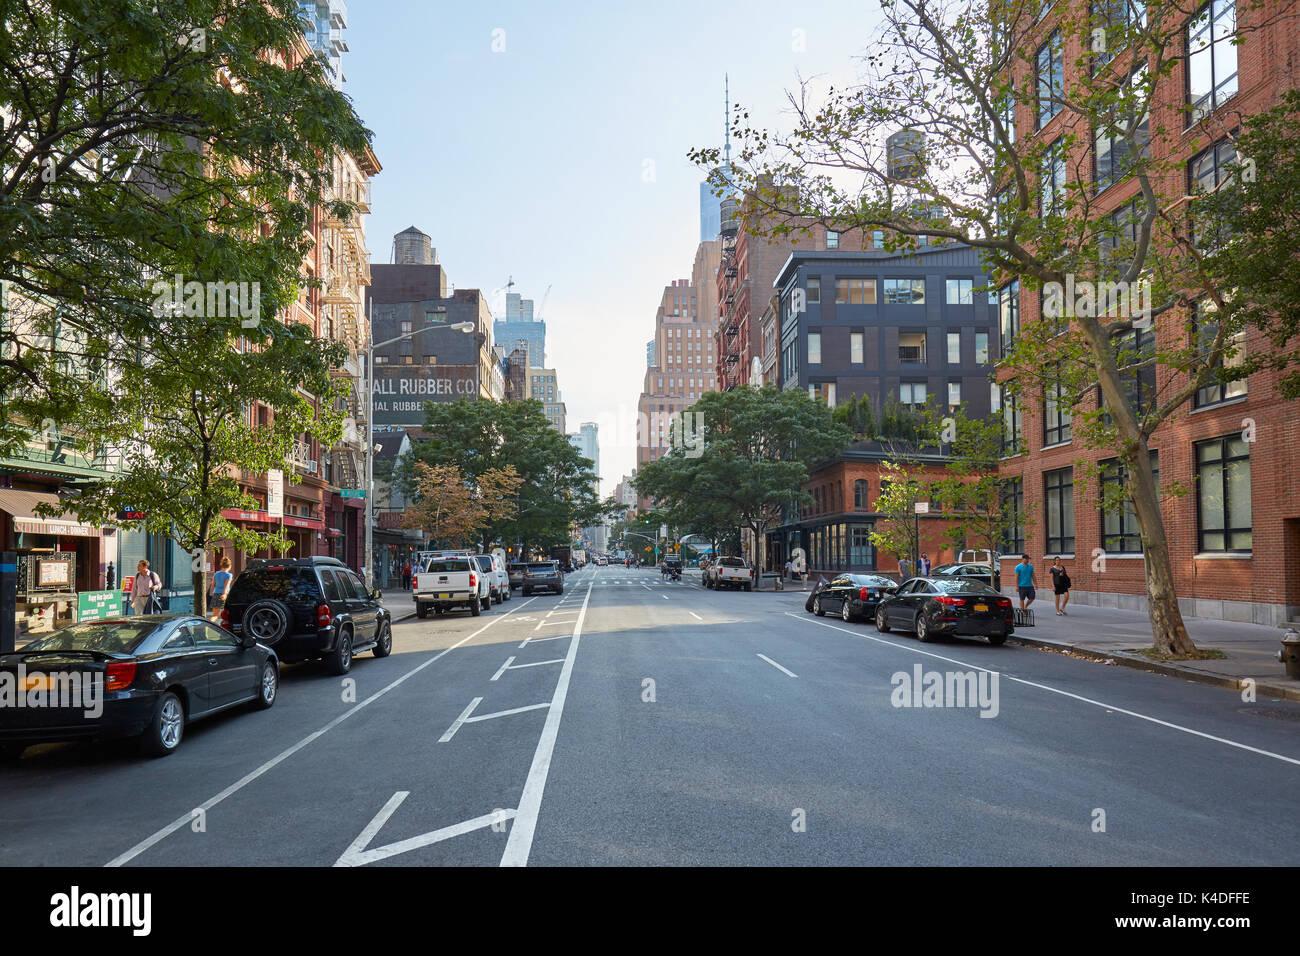 Tribeca Viertel leere Straße am Morgen an einem sonnigen Sommertag in New York Stockbild